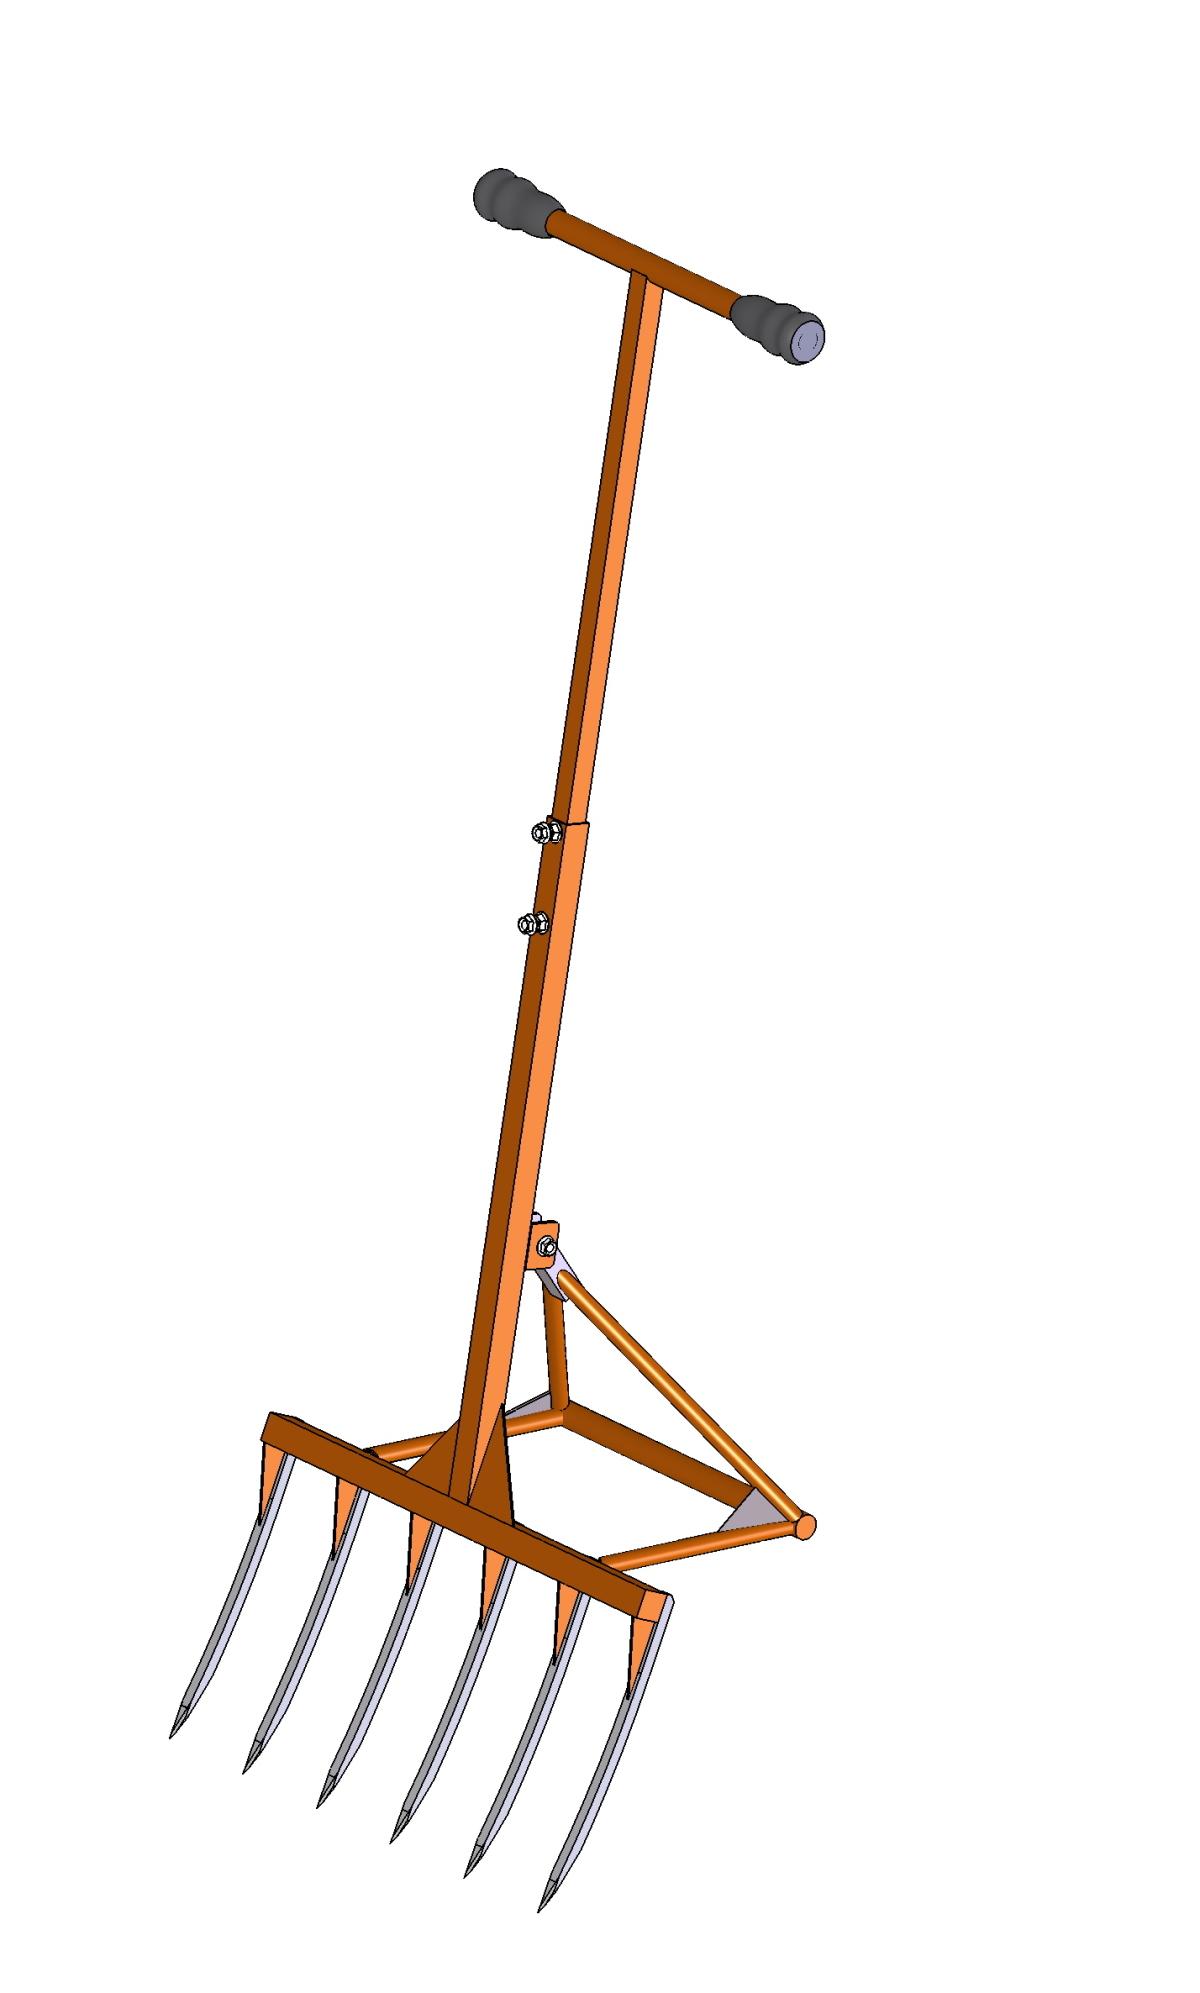 Лопата копалка своими руками фото 264-504